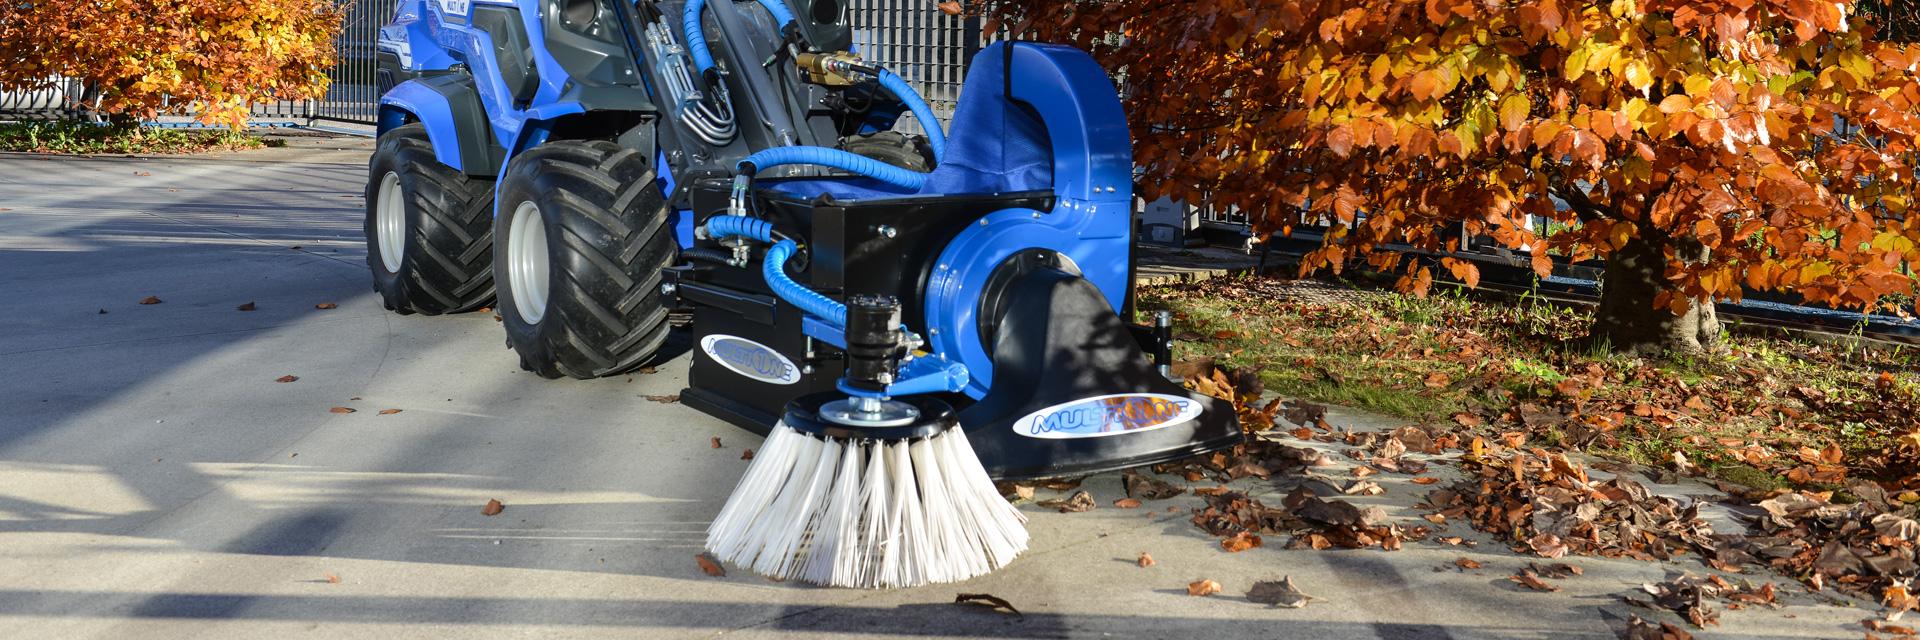 Multione-leaf-vacuum-attachment